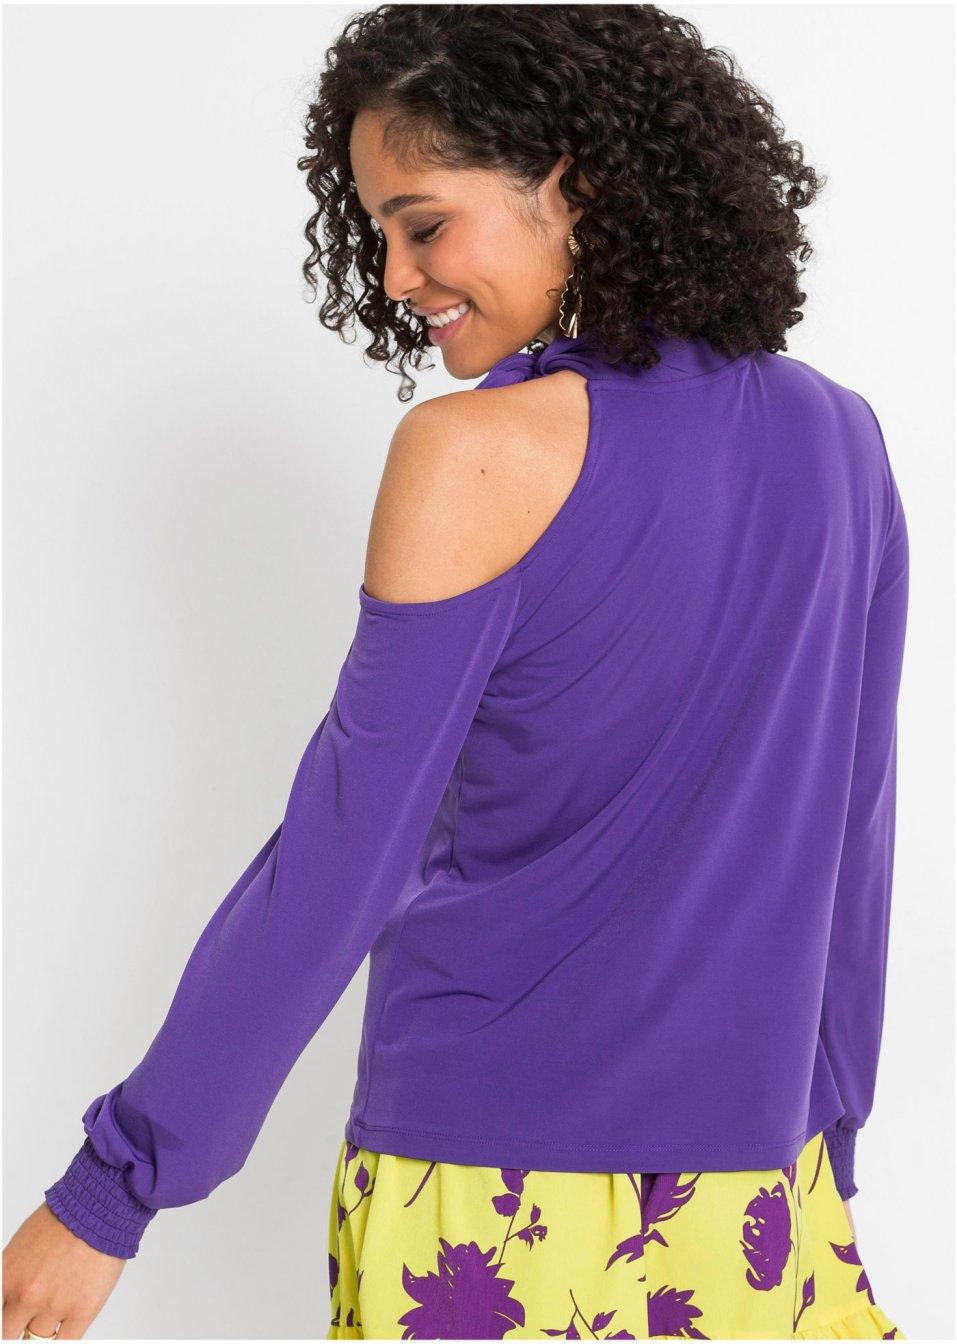 Mode Femme Vêtements DJLfdOFlkj Joli T-shirt à épaule dénudée avec lavallière violet jacinthe